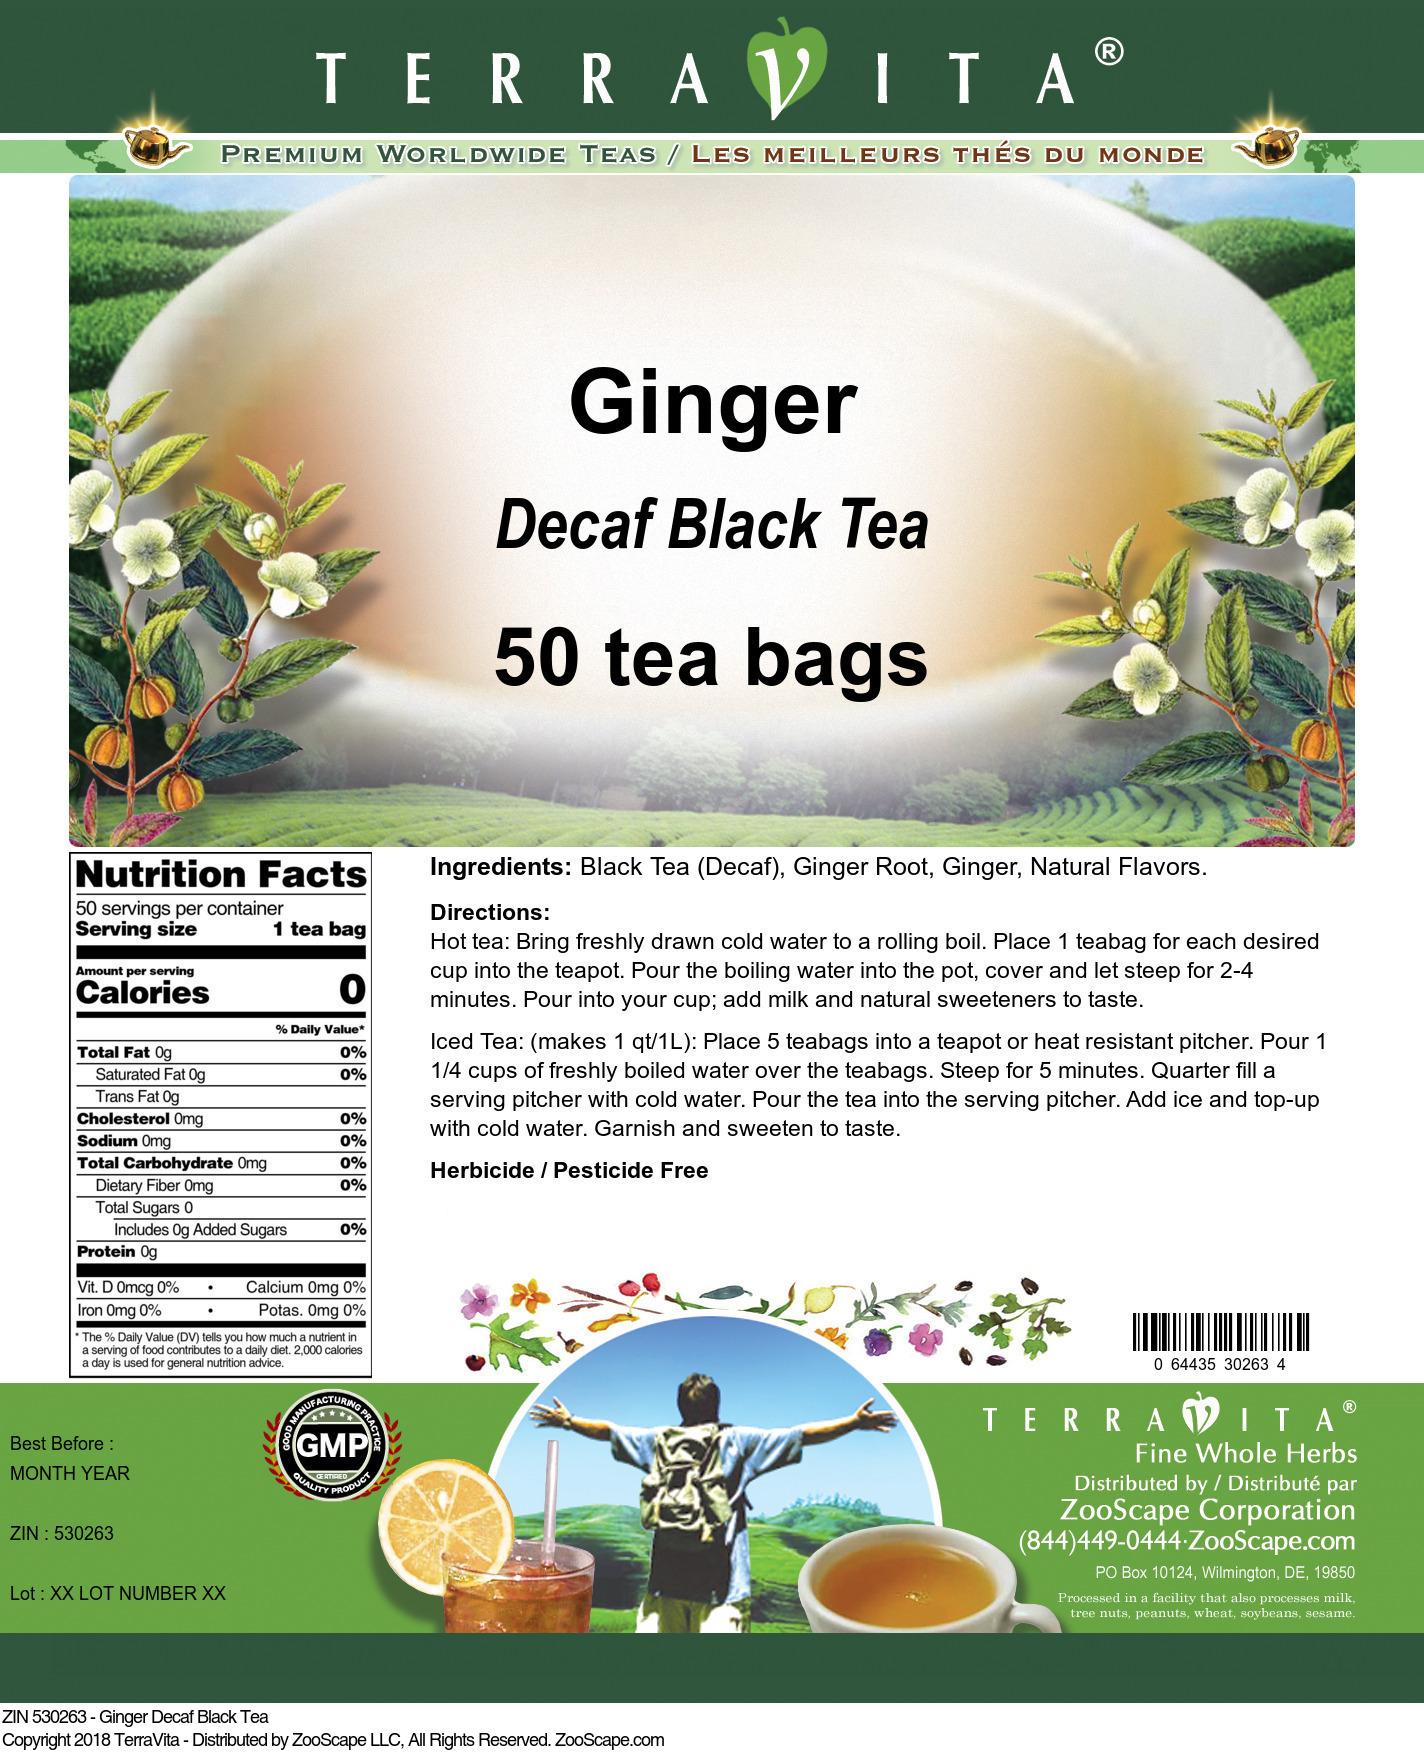 Ginger Decaf Black Tea